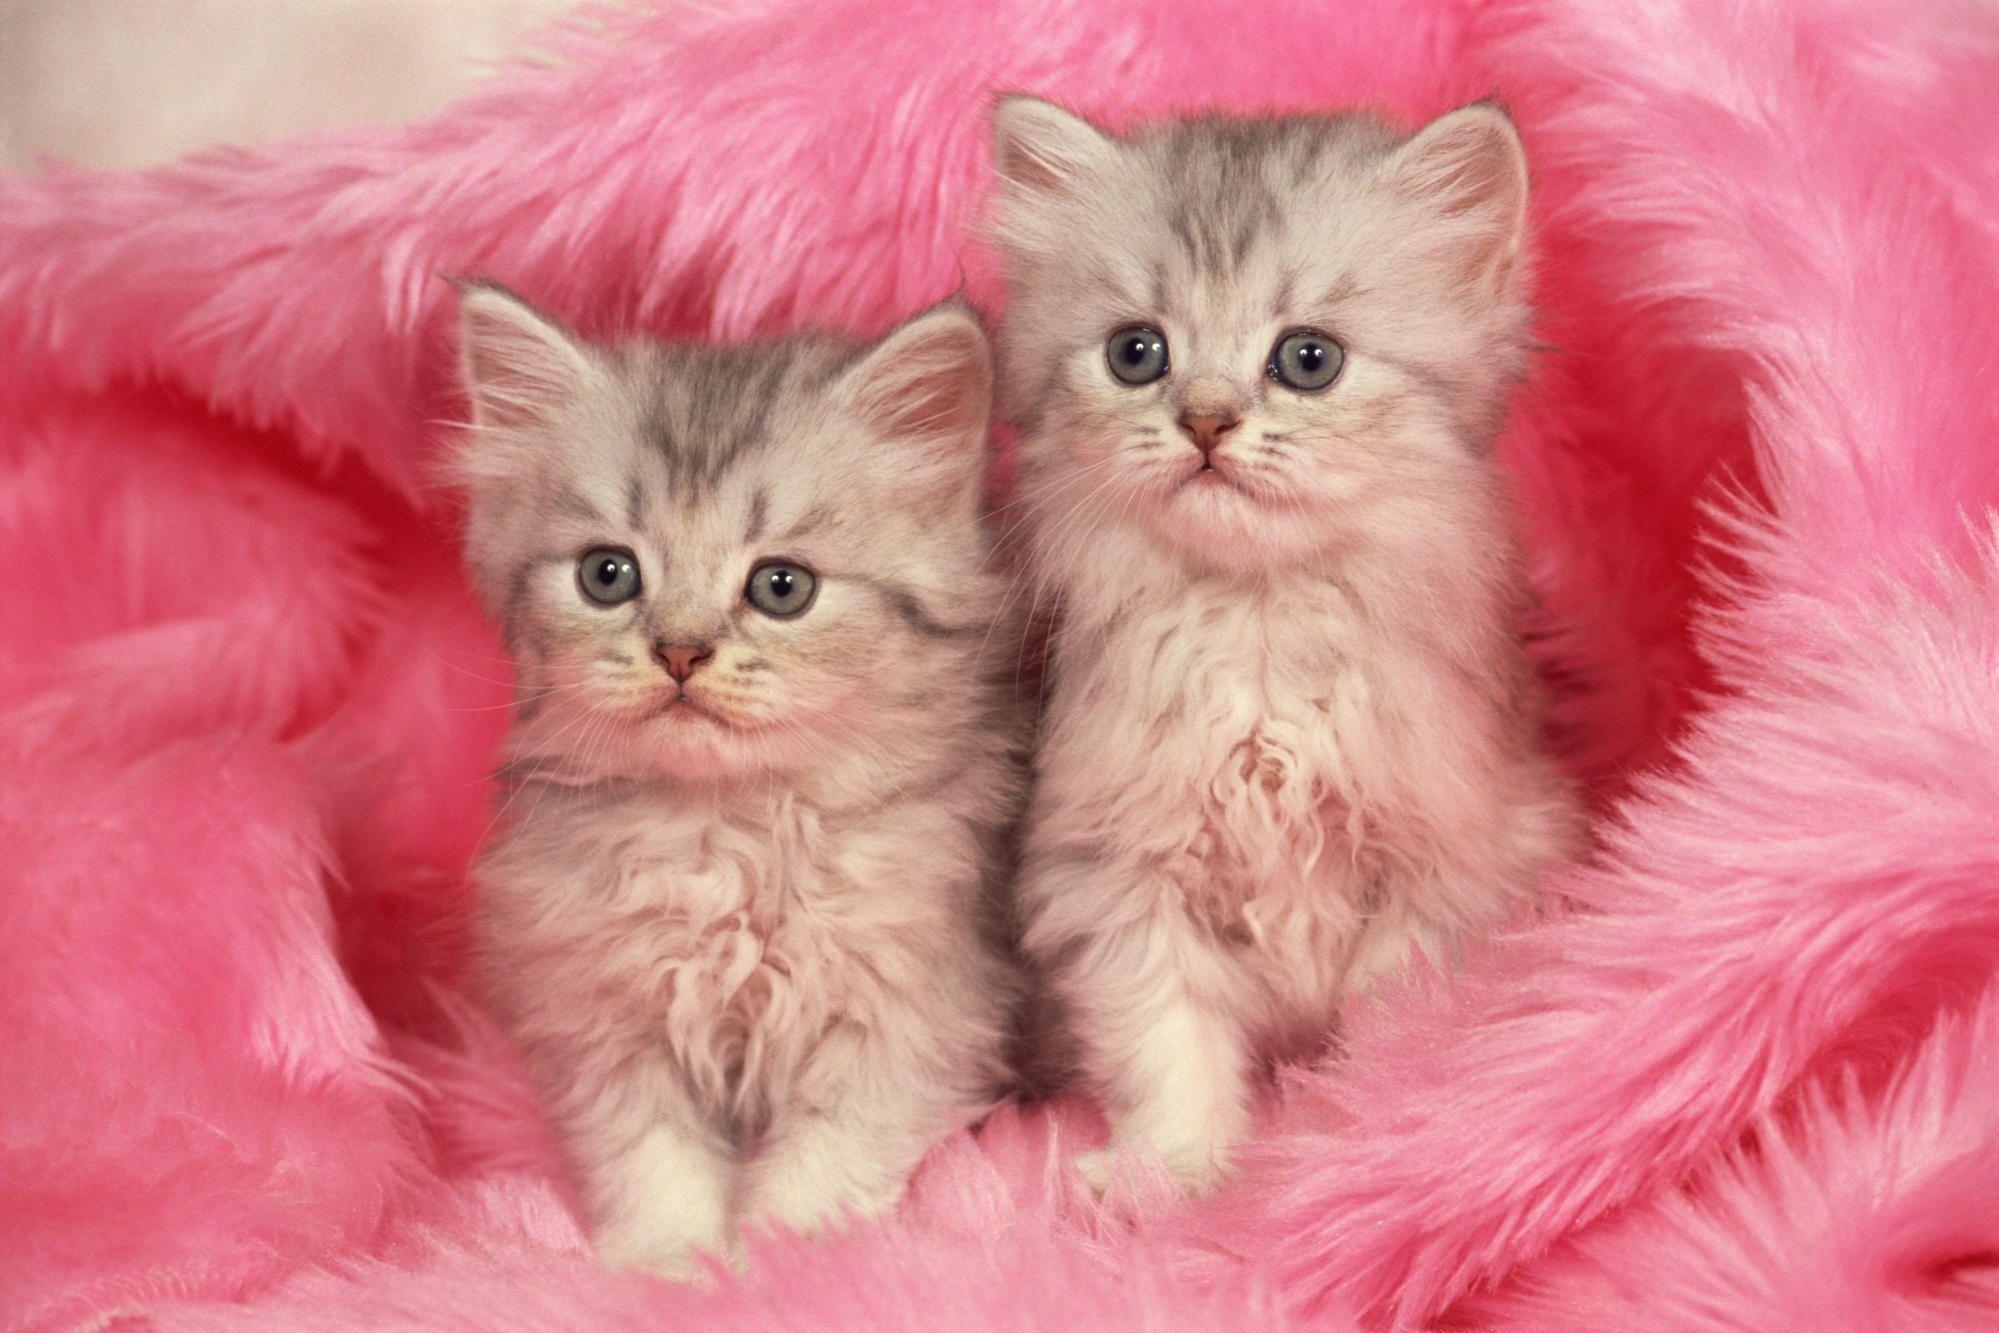 Free Cute Kitten Wallpapers In 2021 Kittens Cutest Kitten Wallpaper Cats And Kittens